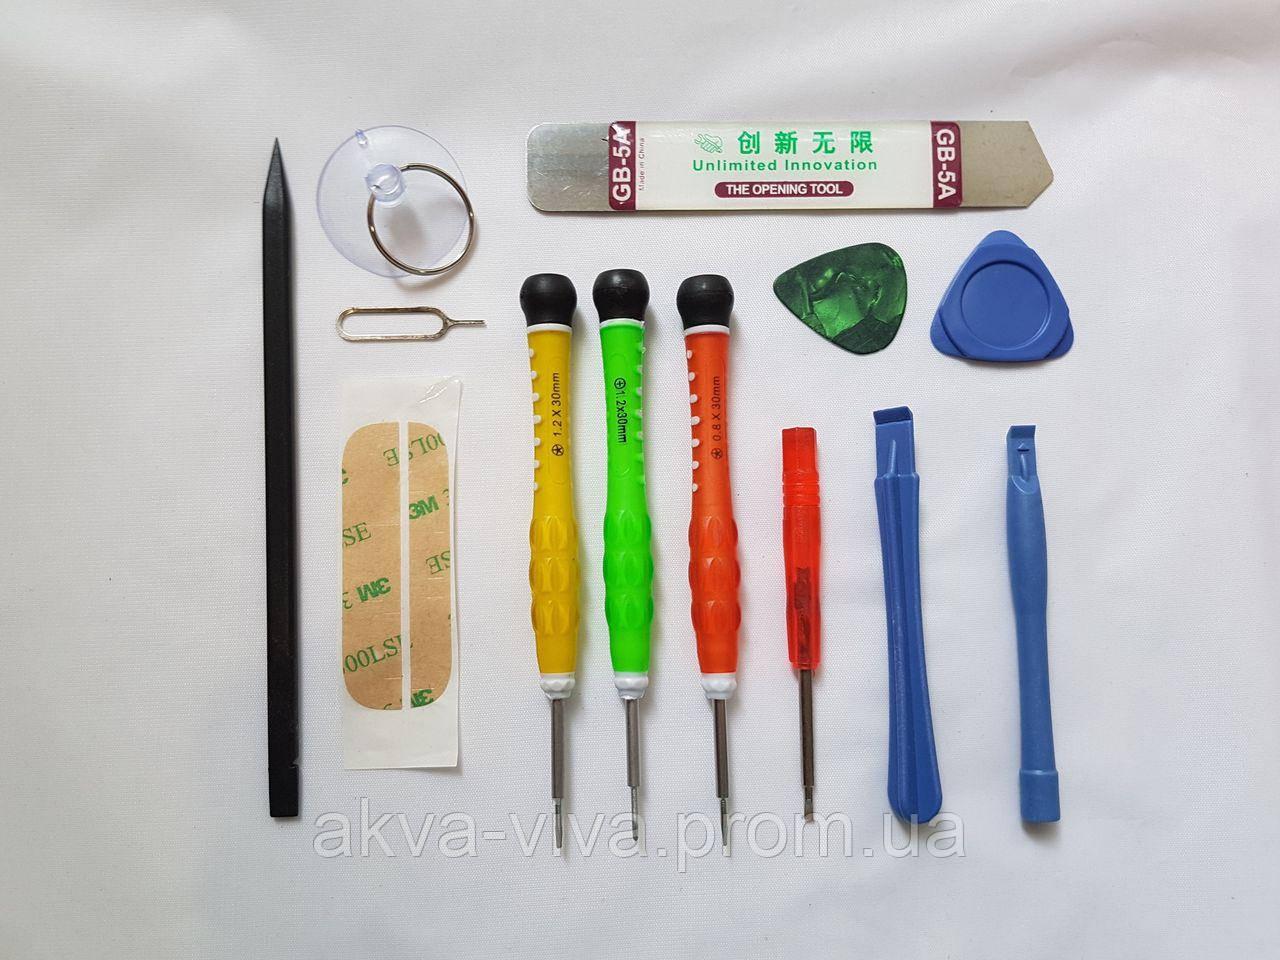 (13 в 1) Набор инструментов для ремонта мобильных телефонов